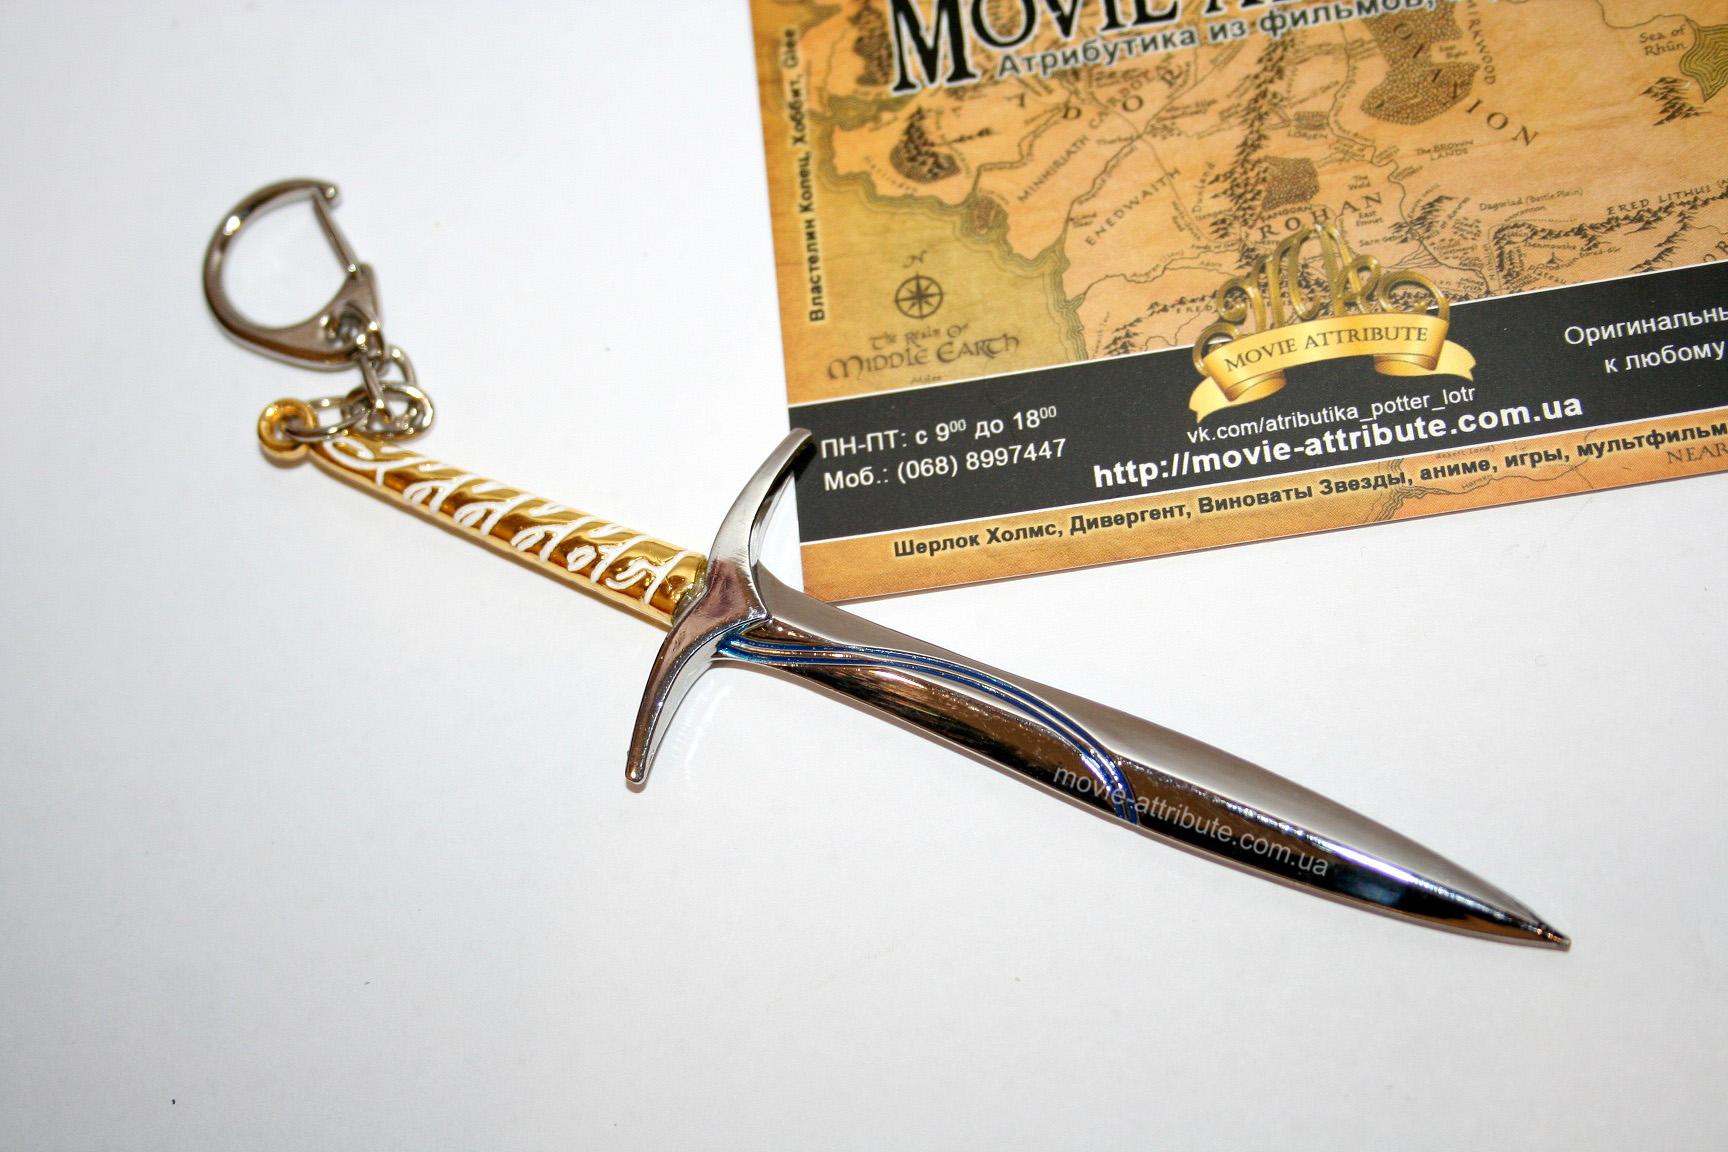 Эльфийский меч властелин колец фильмы 2011 джеки чана